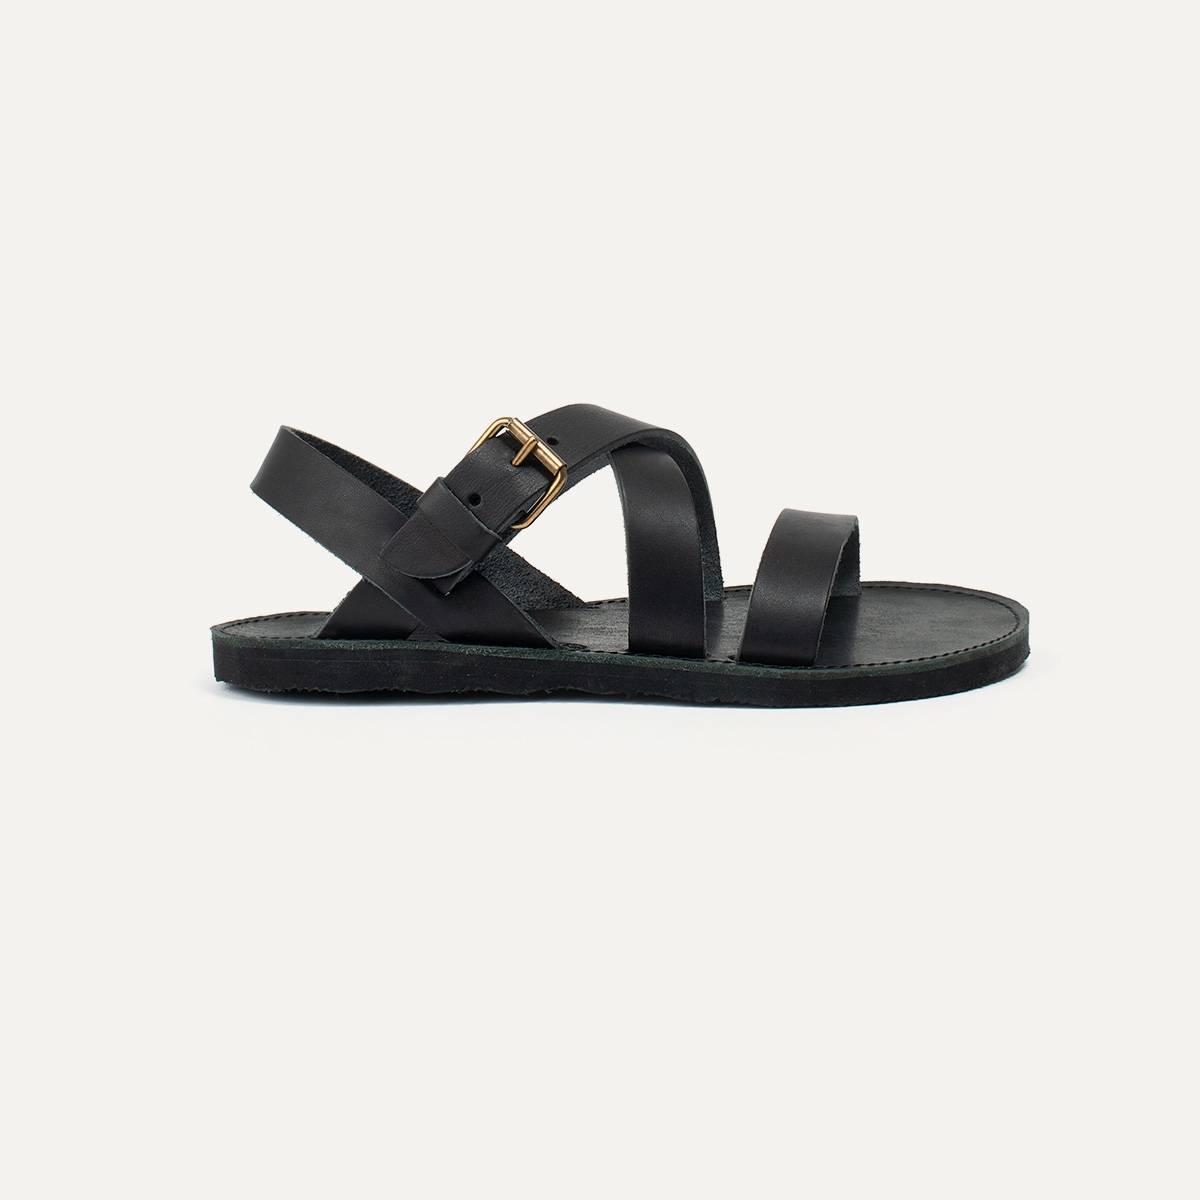 Iwate leather sandals - Black (image n°1)